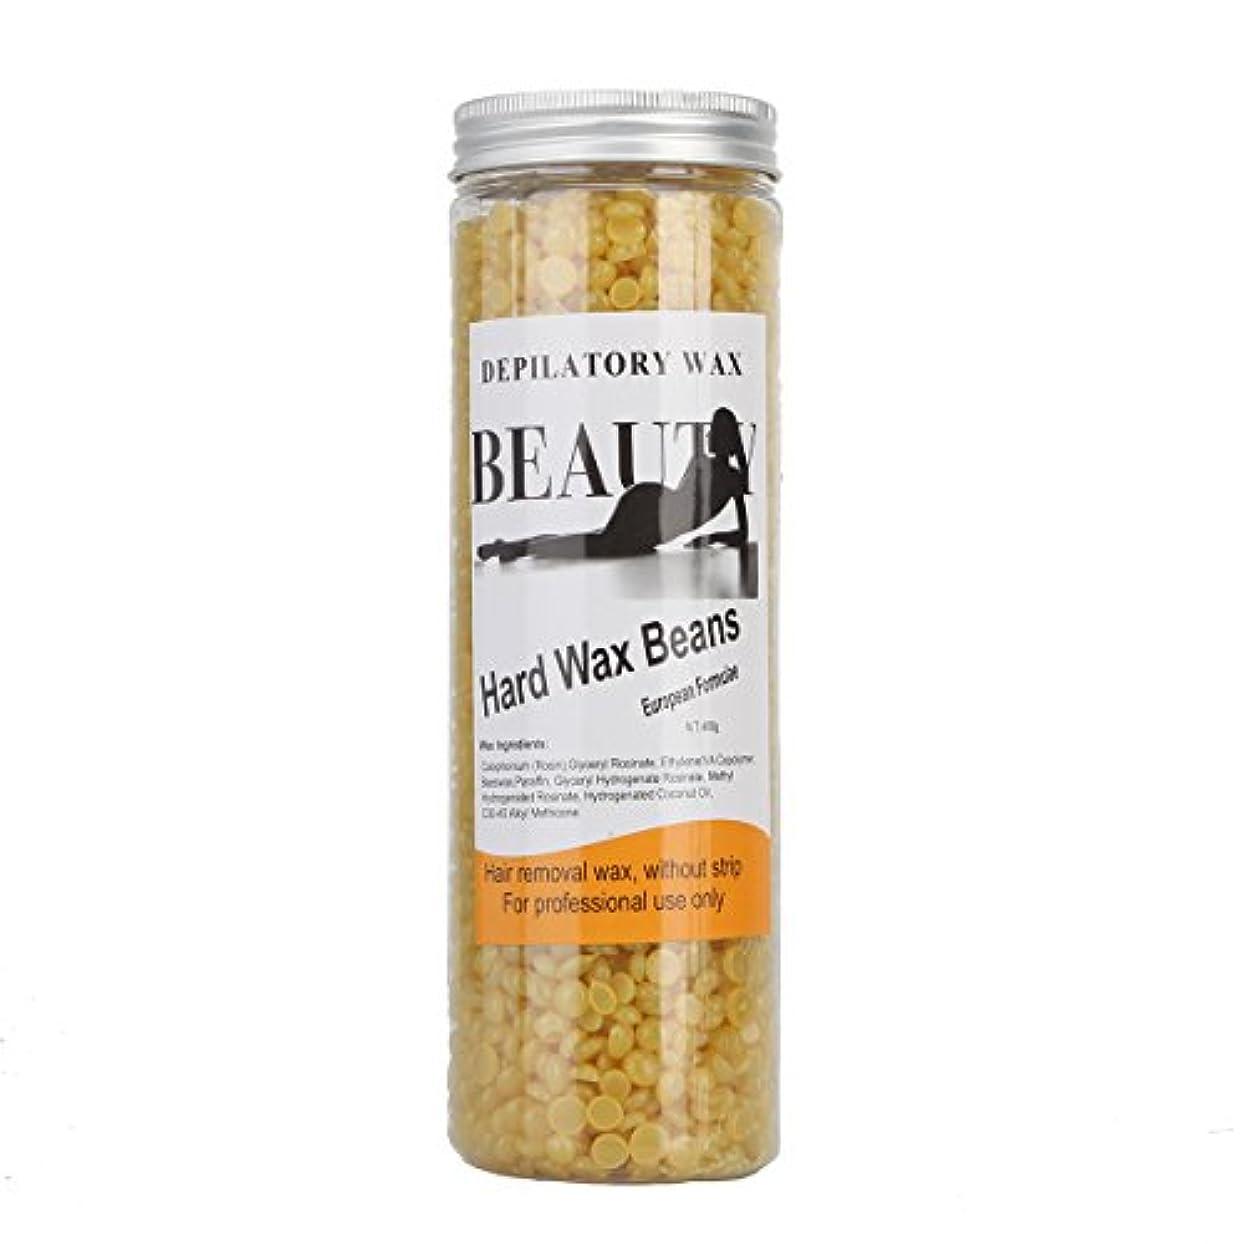 崩壊行どのくらいの頻度で(アーニェメイ)Bonjanvye ワックス脱毛 スパチュラ 2本 ブラジリアンワックス 粒 400g 1缶 ワックス脱毛セット-ハチミツ